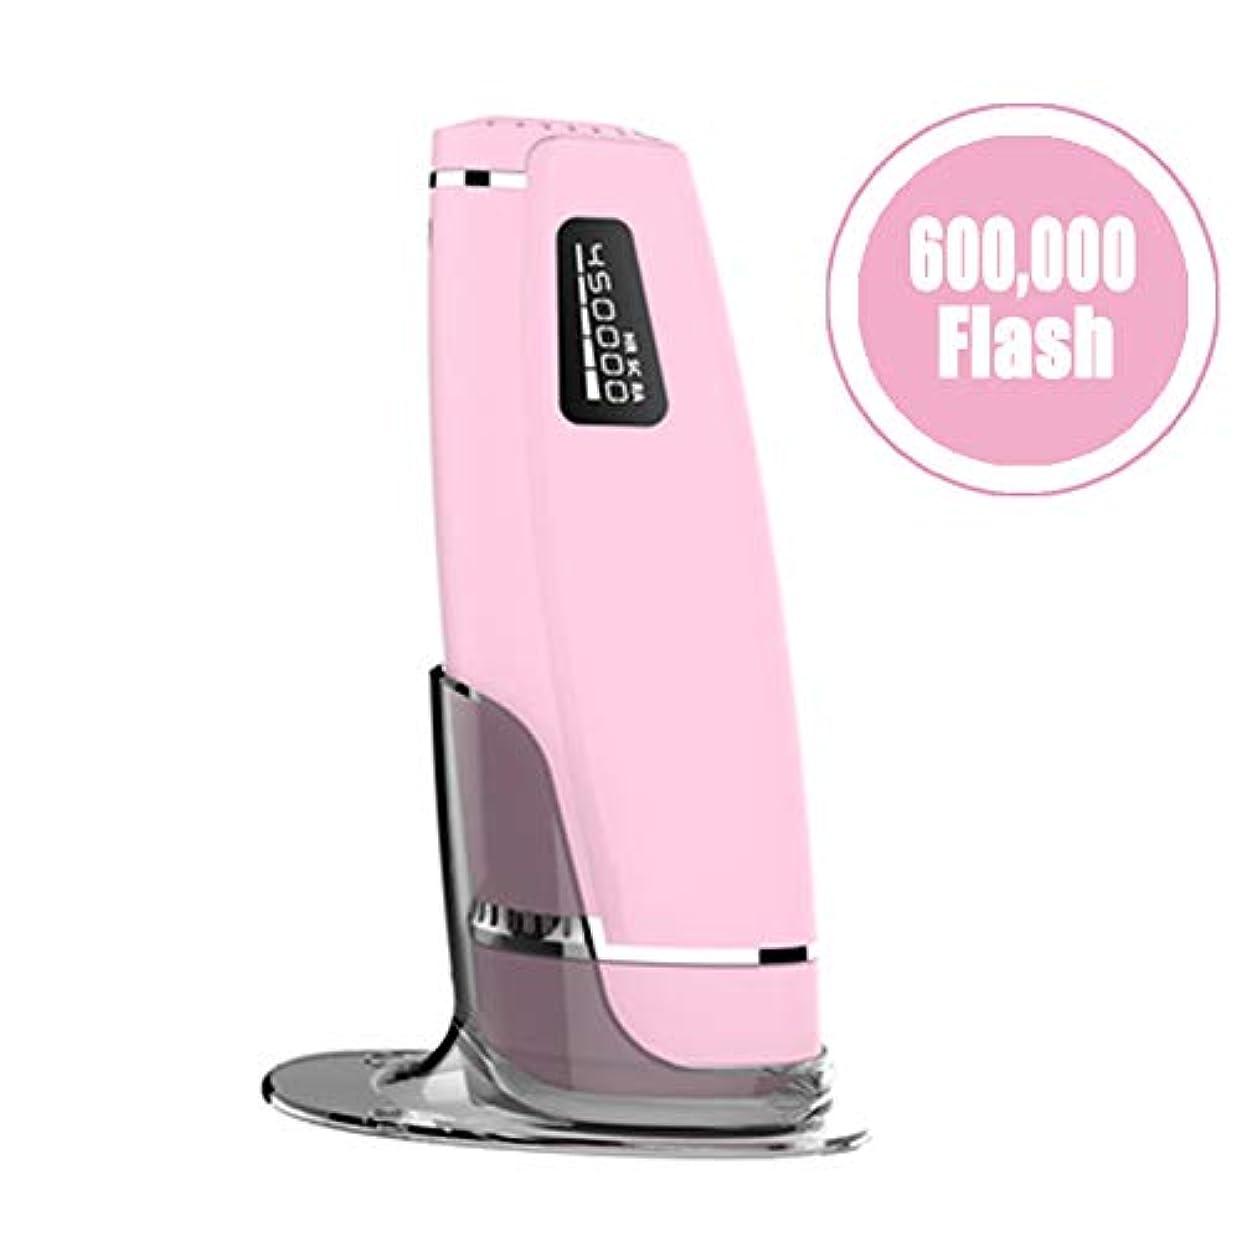 熱狂的な兵士写真アップグレードIPLレーザー脱毛システムデバイス、60万回のフラッシュ無痛常設パルス光脱毛器にとってボディフェイス脇の下ビキニライン,Pink